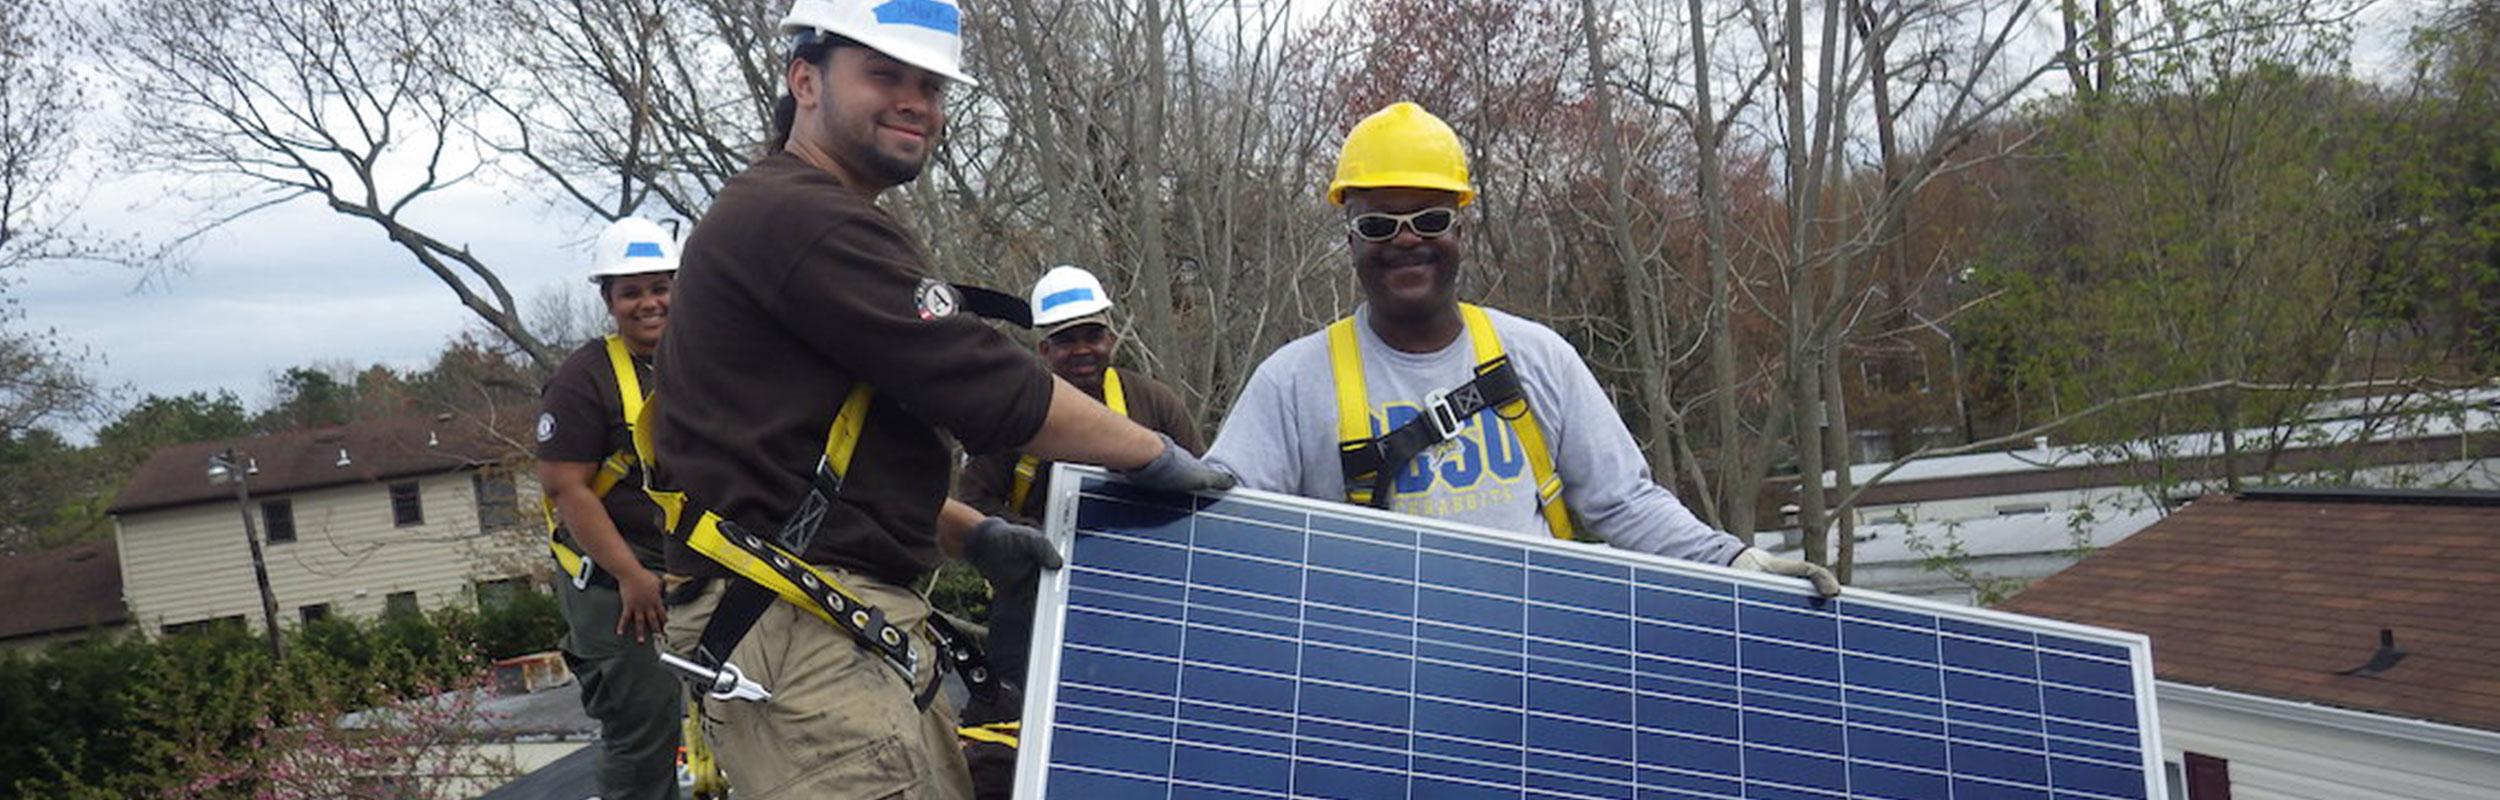 New Jersey Lawmakers Pass Clean Energy Bills